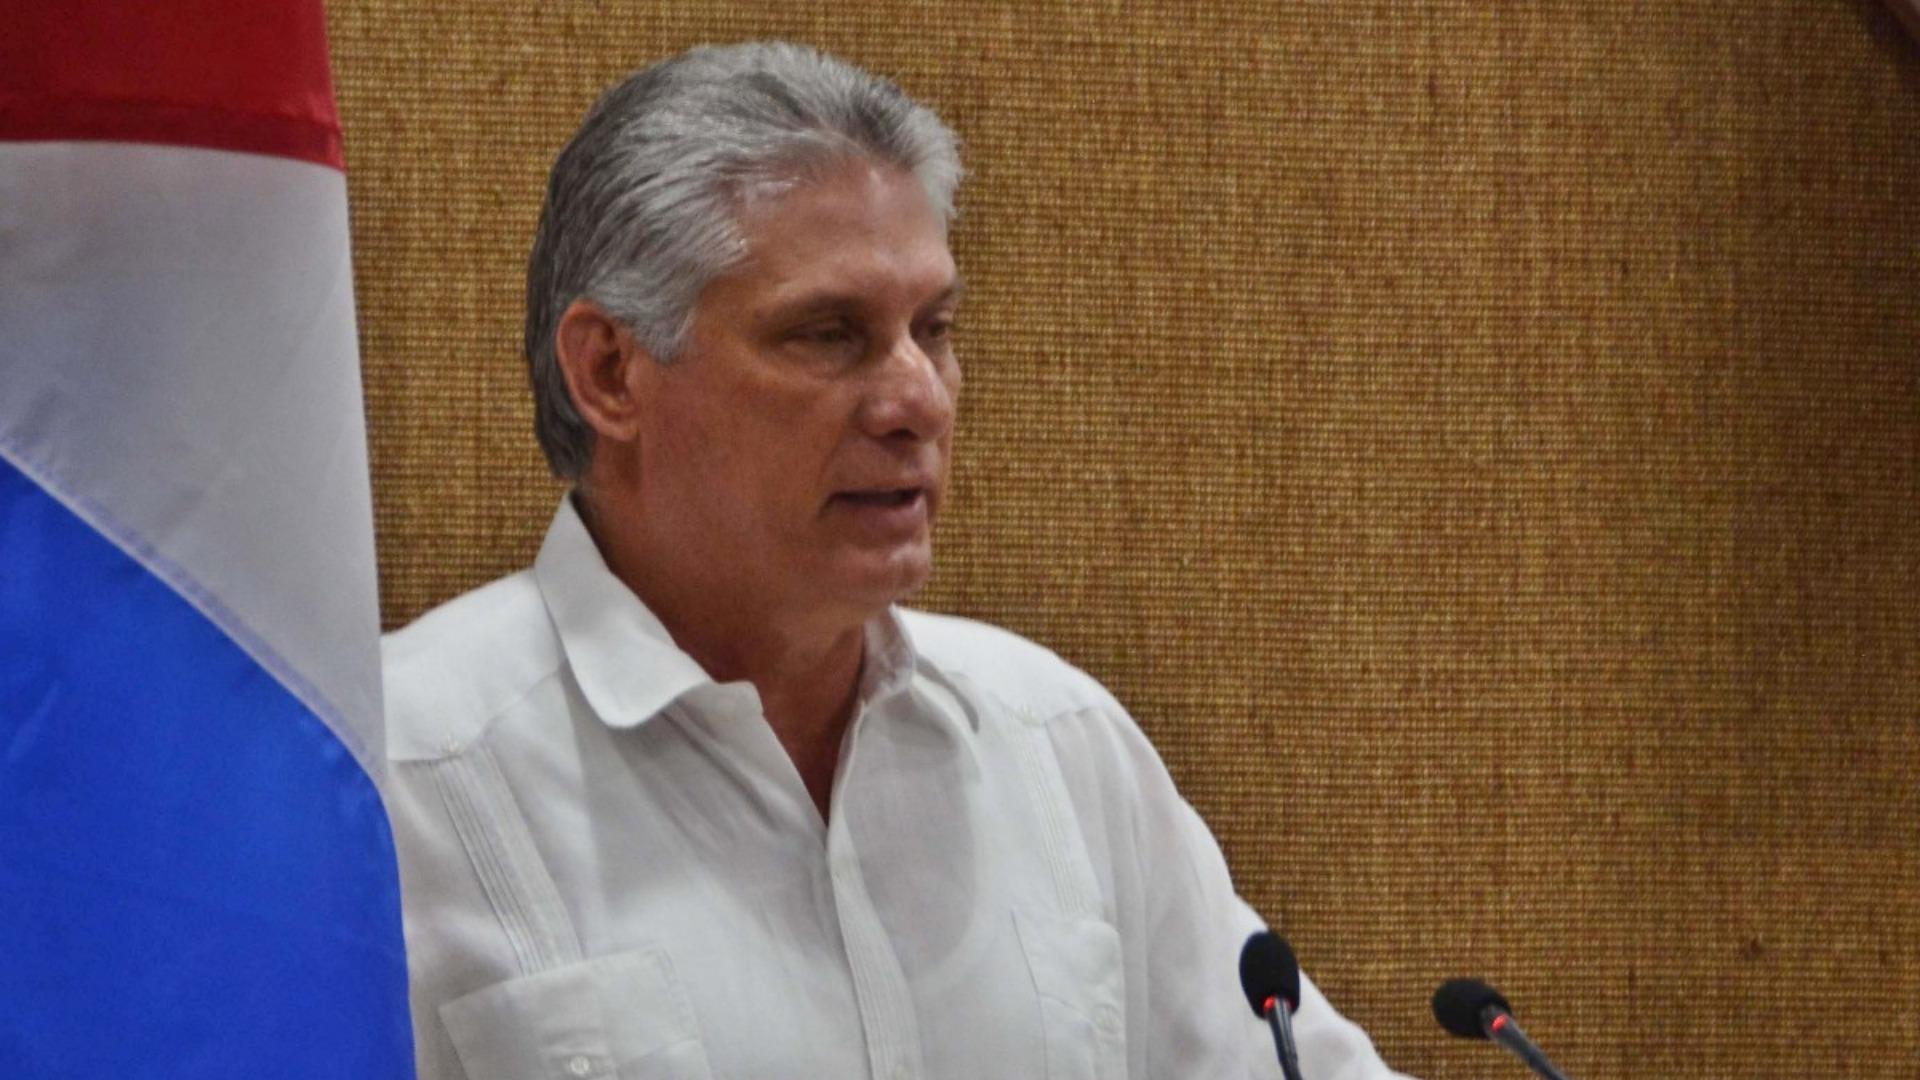 Estados Unidos anuncia nuevas medidas contra Cuba por apoyar al régimen de Maduro